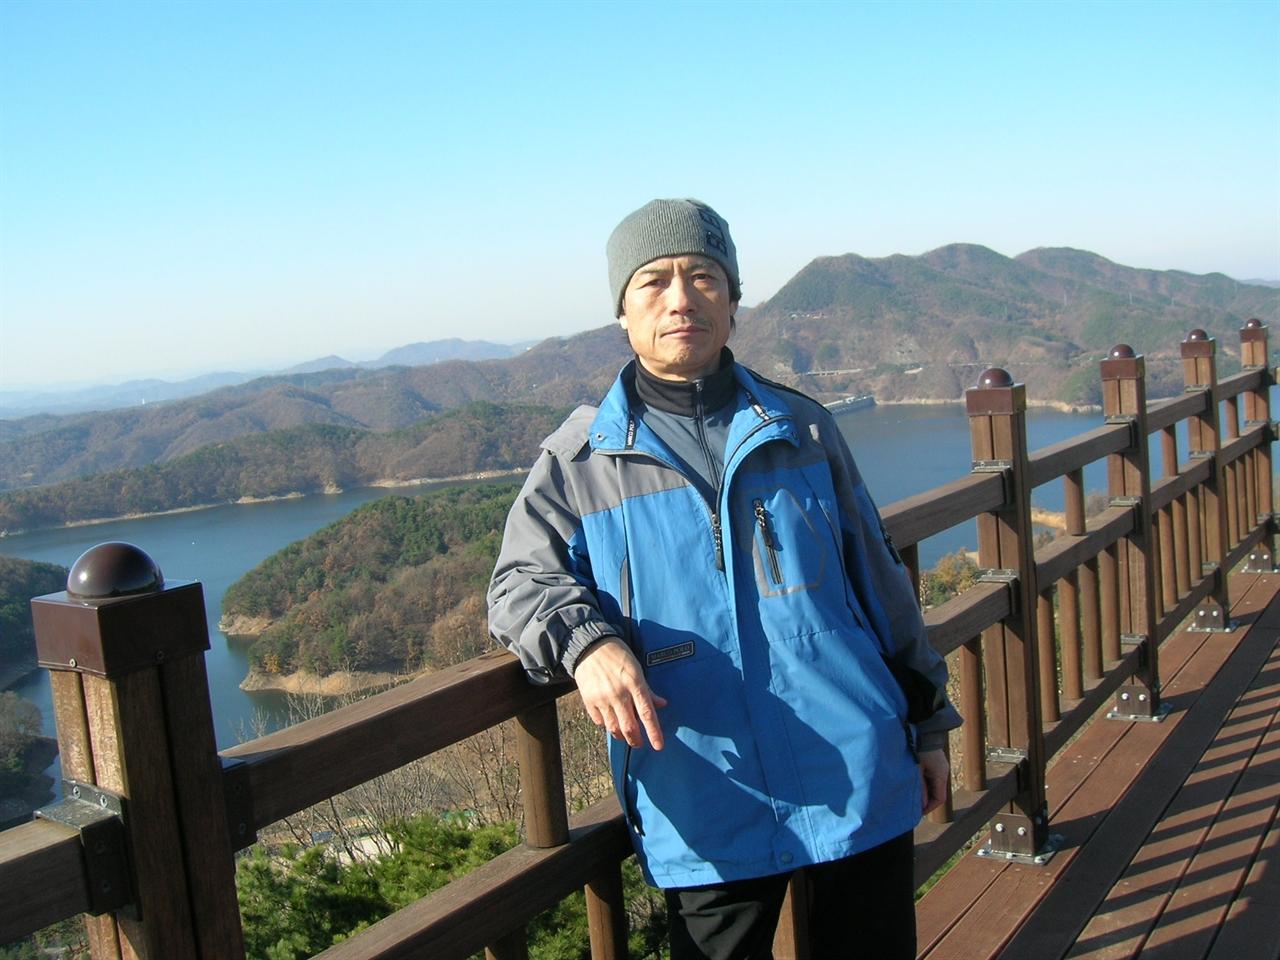 한국의 자연부터... 거기 모든 것이 있다 길을 걸으면 거기 몸의 건강이 깃든다. 눈으로 보는 모든 것들이 나를 가르친다. 자연만이 아니다. 역사와 문화와 사람들의 삶이 있다. 박물관 고택 유적지가 땅 곳곳에 있다.